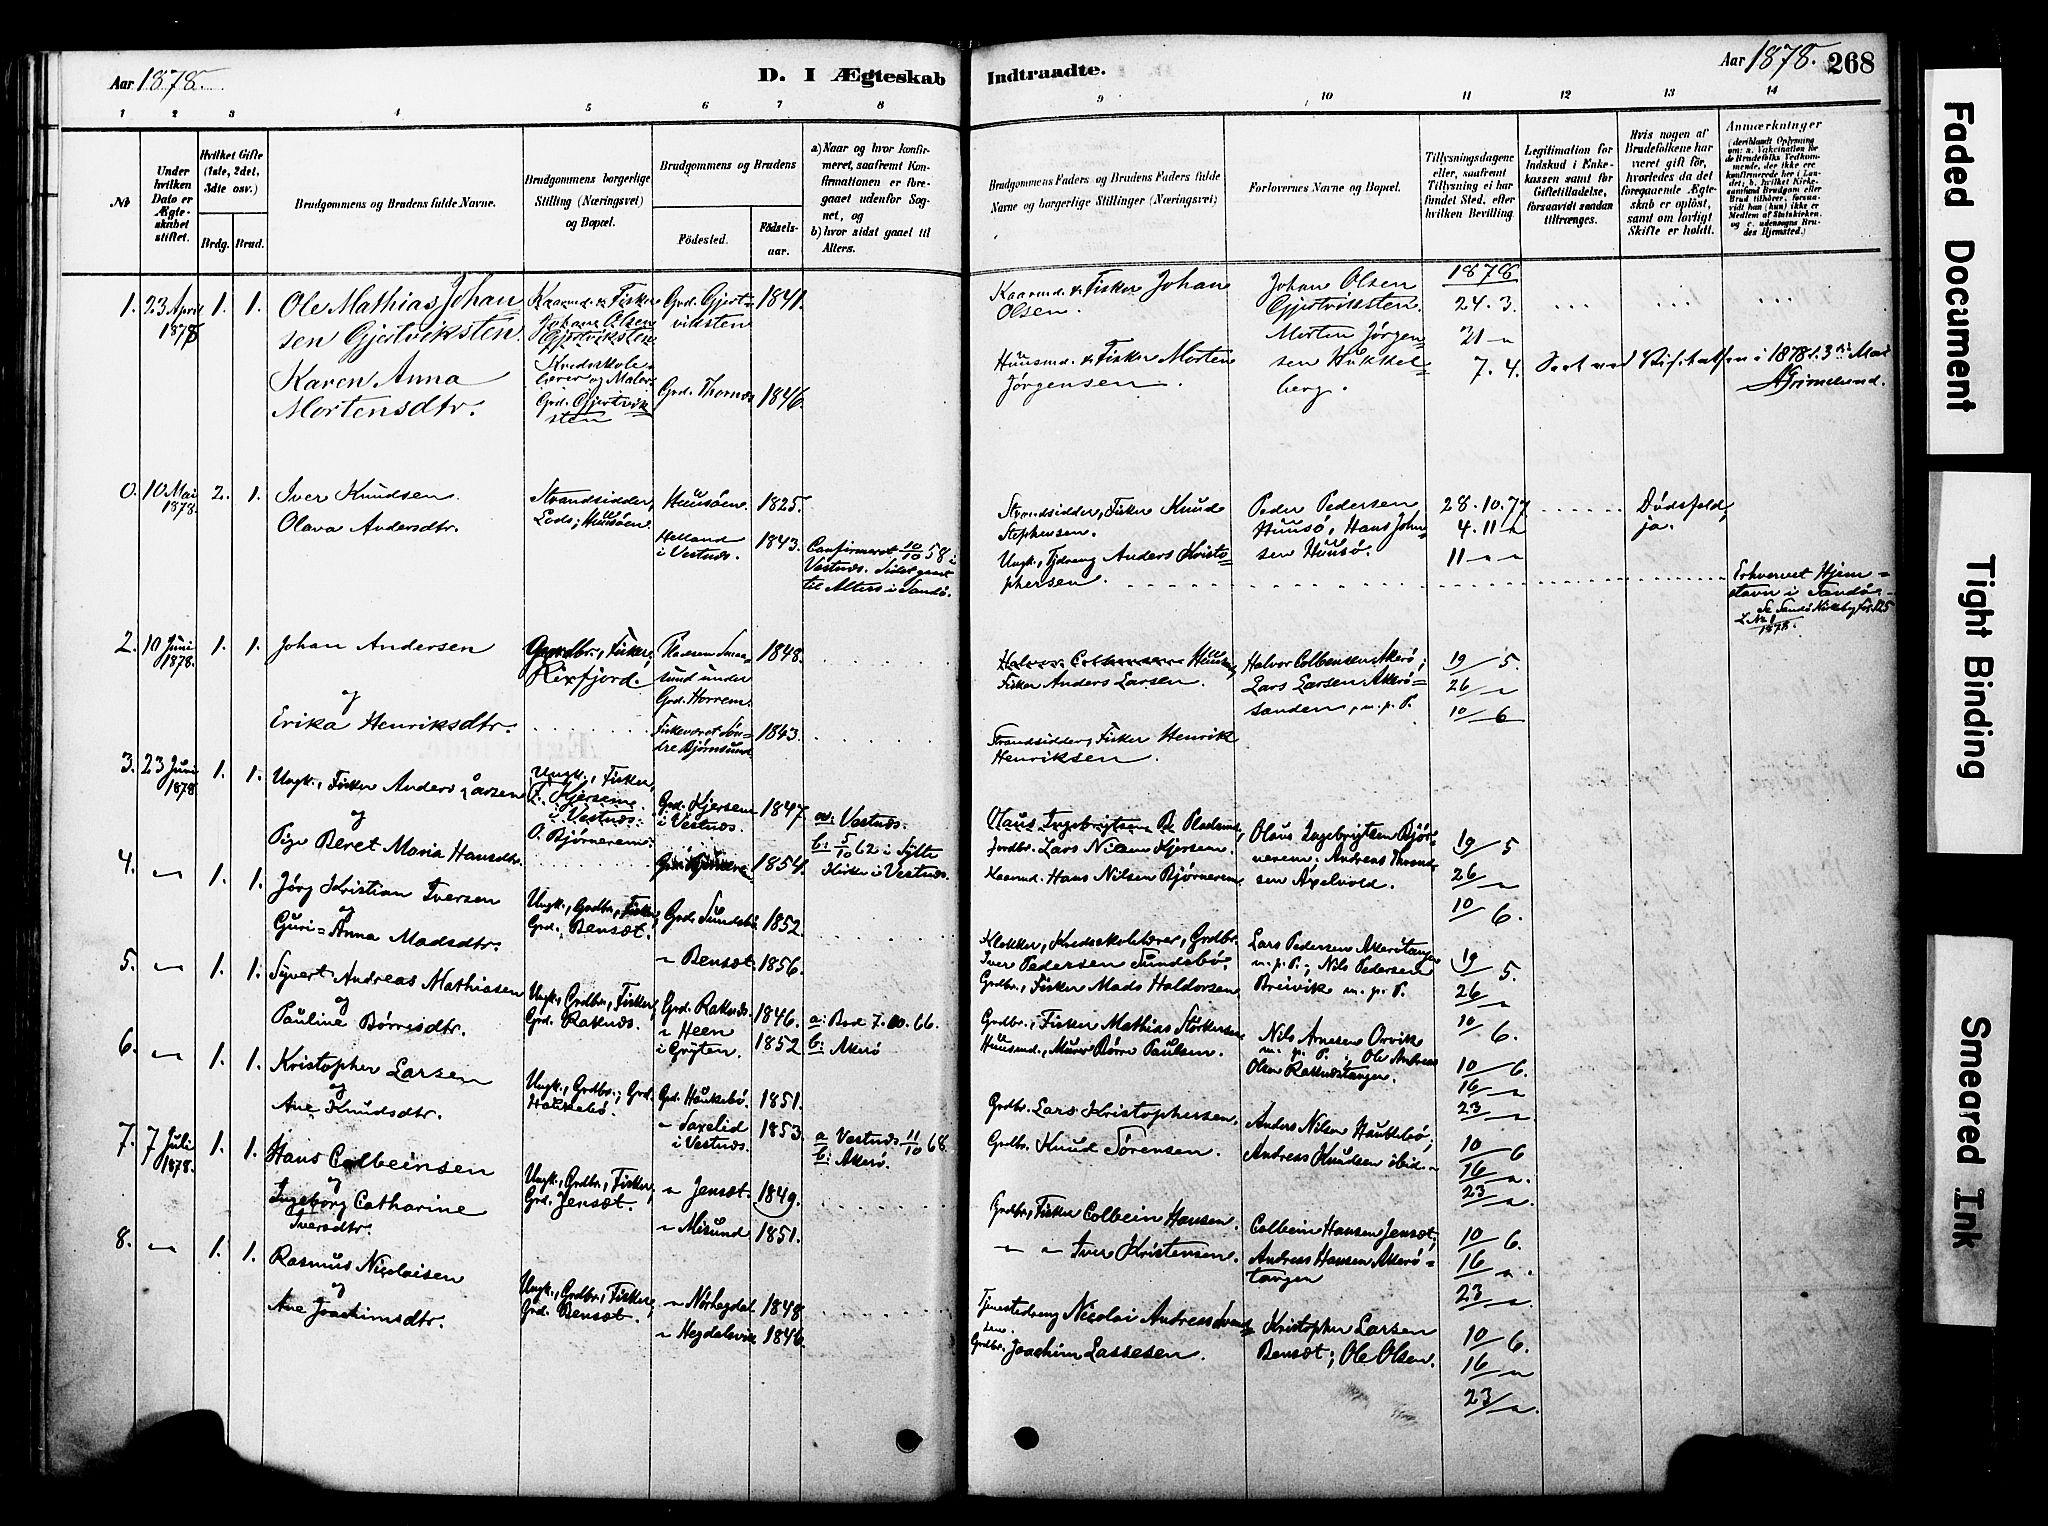 SAT, Ministerialprotokoller, klokkerbøker og fødselsregistre - Møre og Romsdal, 560/L0721: Parish register (official) no. 560A05, 1878-1917, p. 268